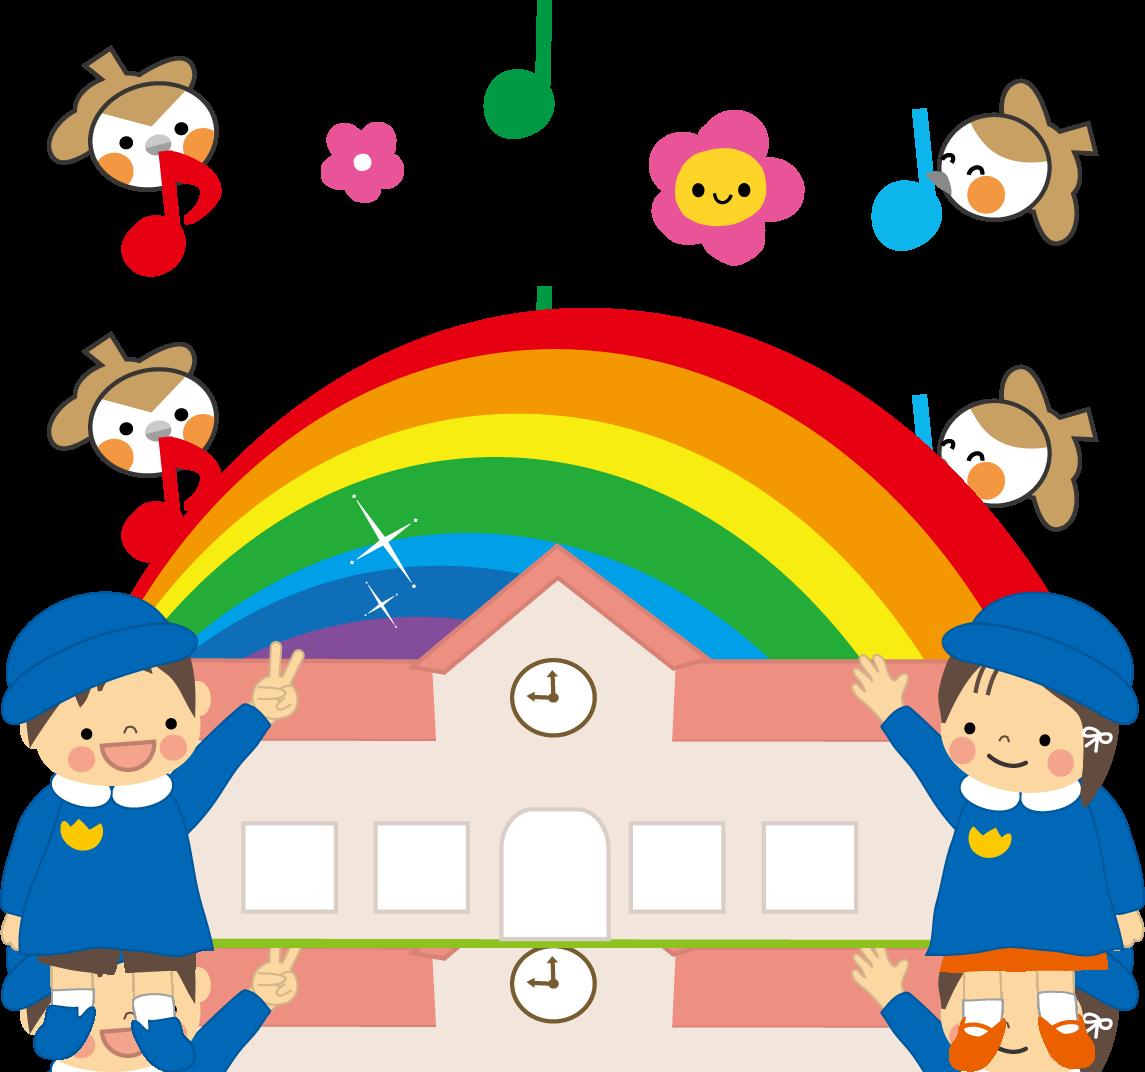 保育園 幼稚園 こどものイラスト 無料イラスト フリー素材